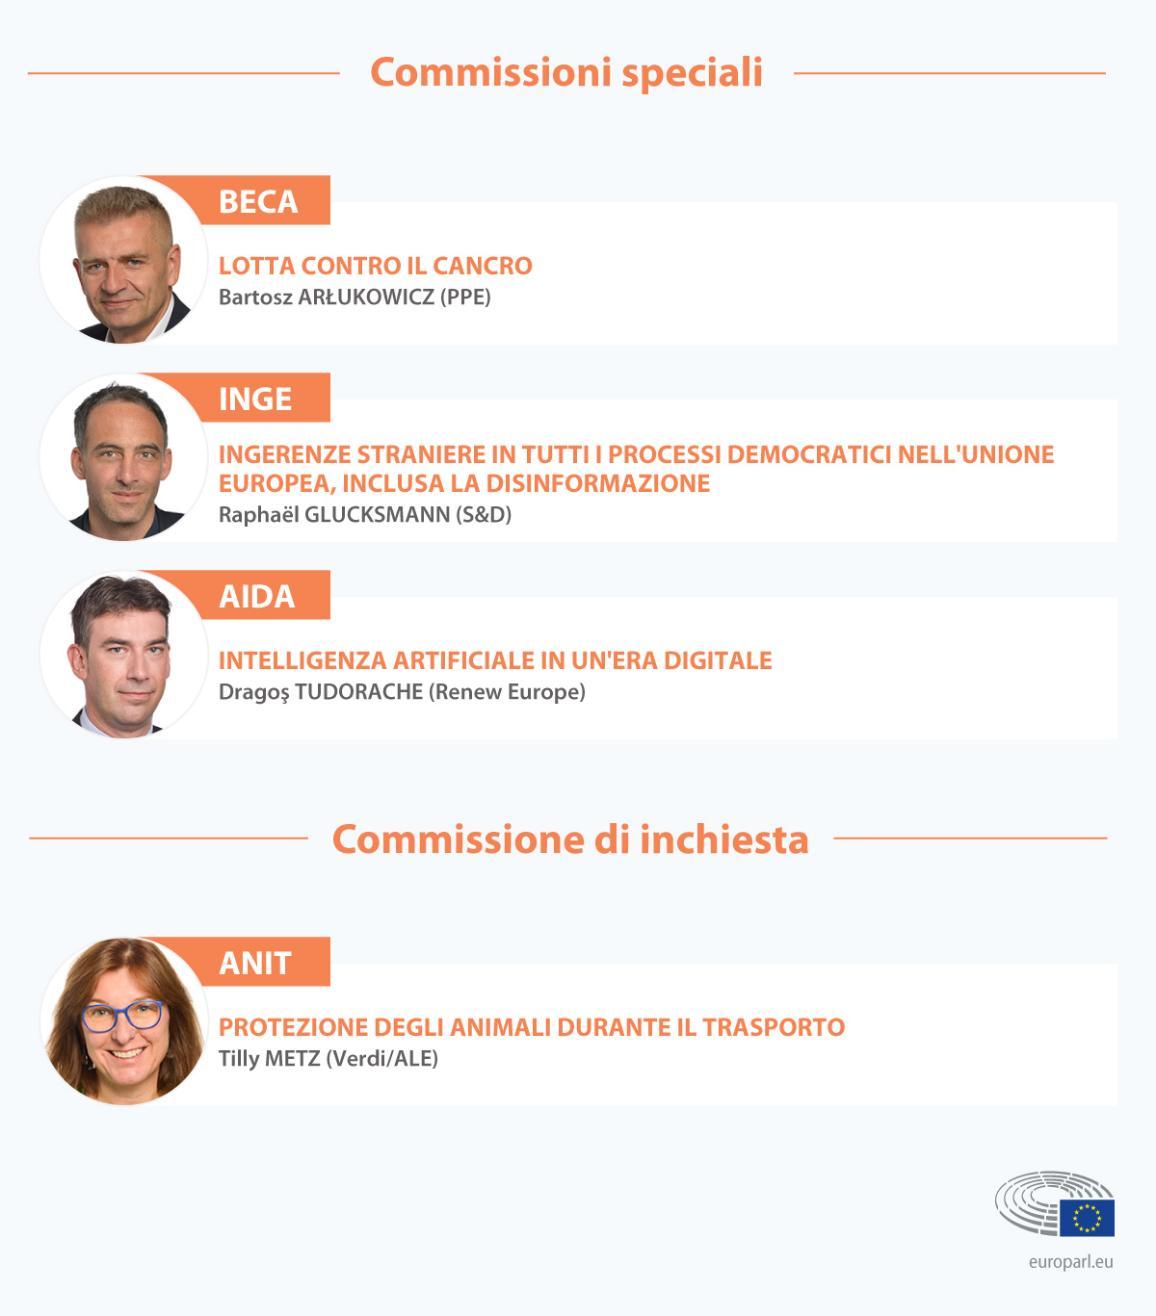 Chi sono i presidenti delle commissioni speciali e di inchiesta del Parlamento europeo.